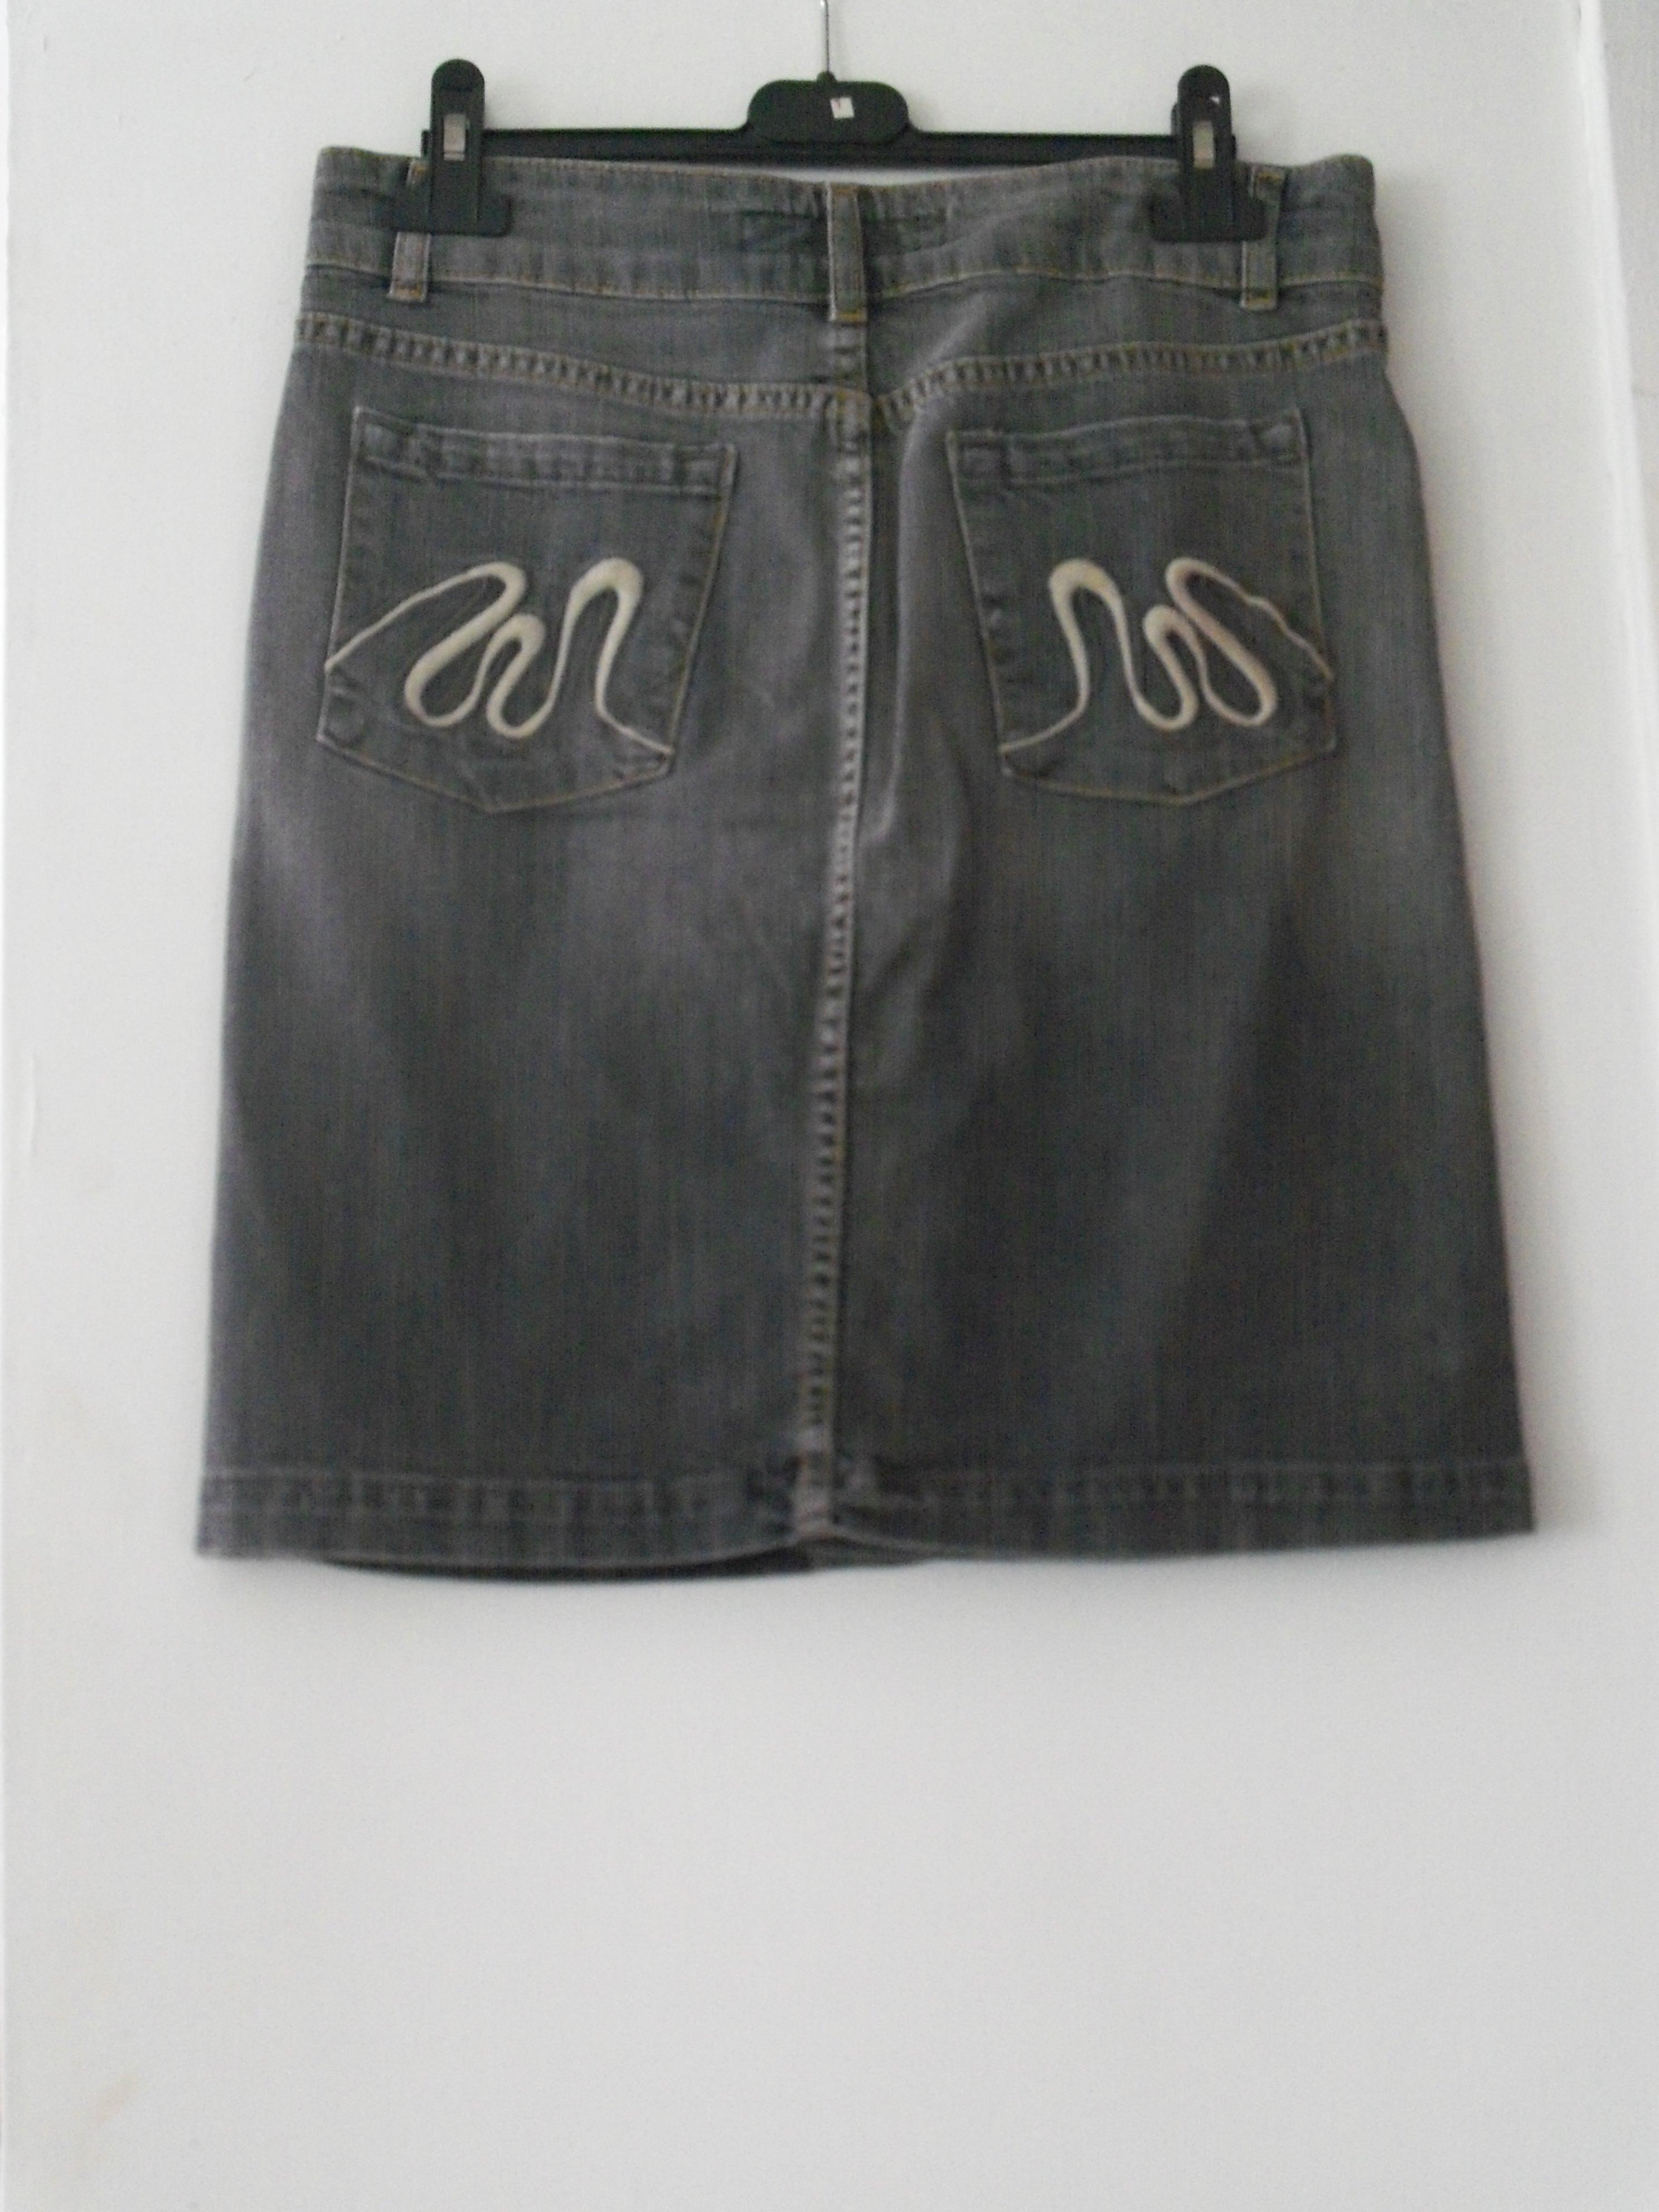 troc de troc jupe mango en jeans neuve t.38 image 1